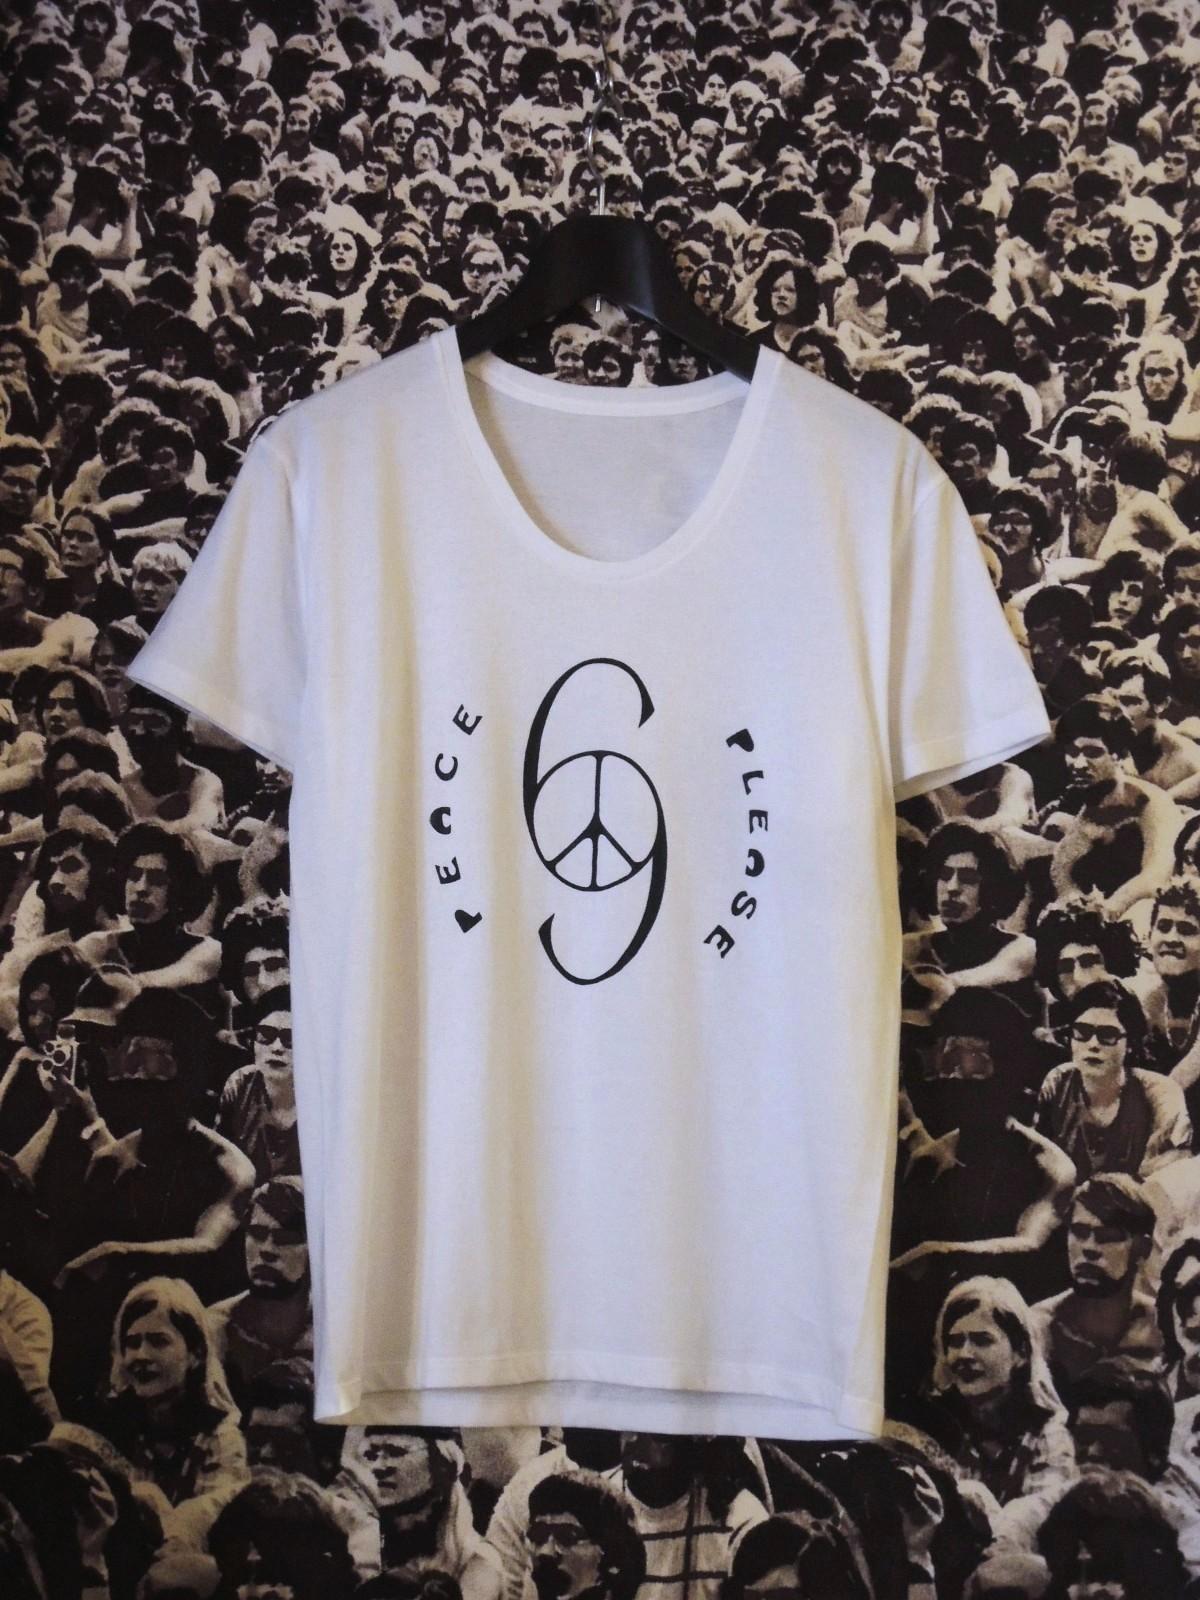 69peacetshirts01.JPG